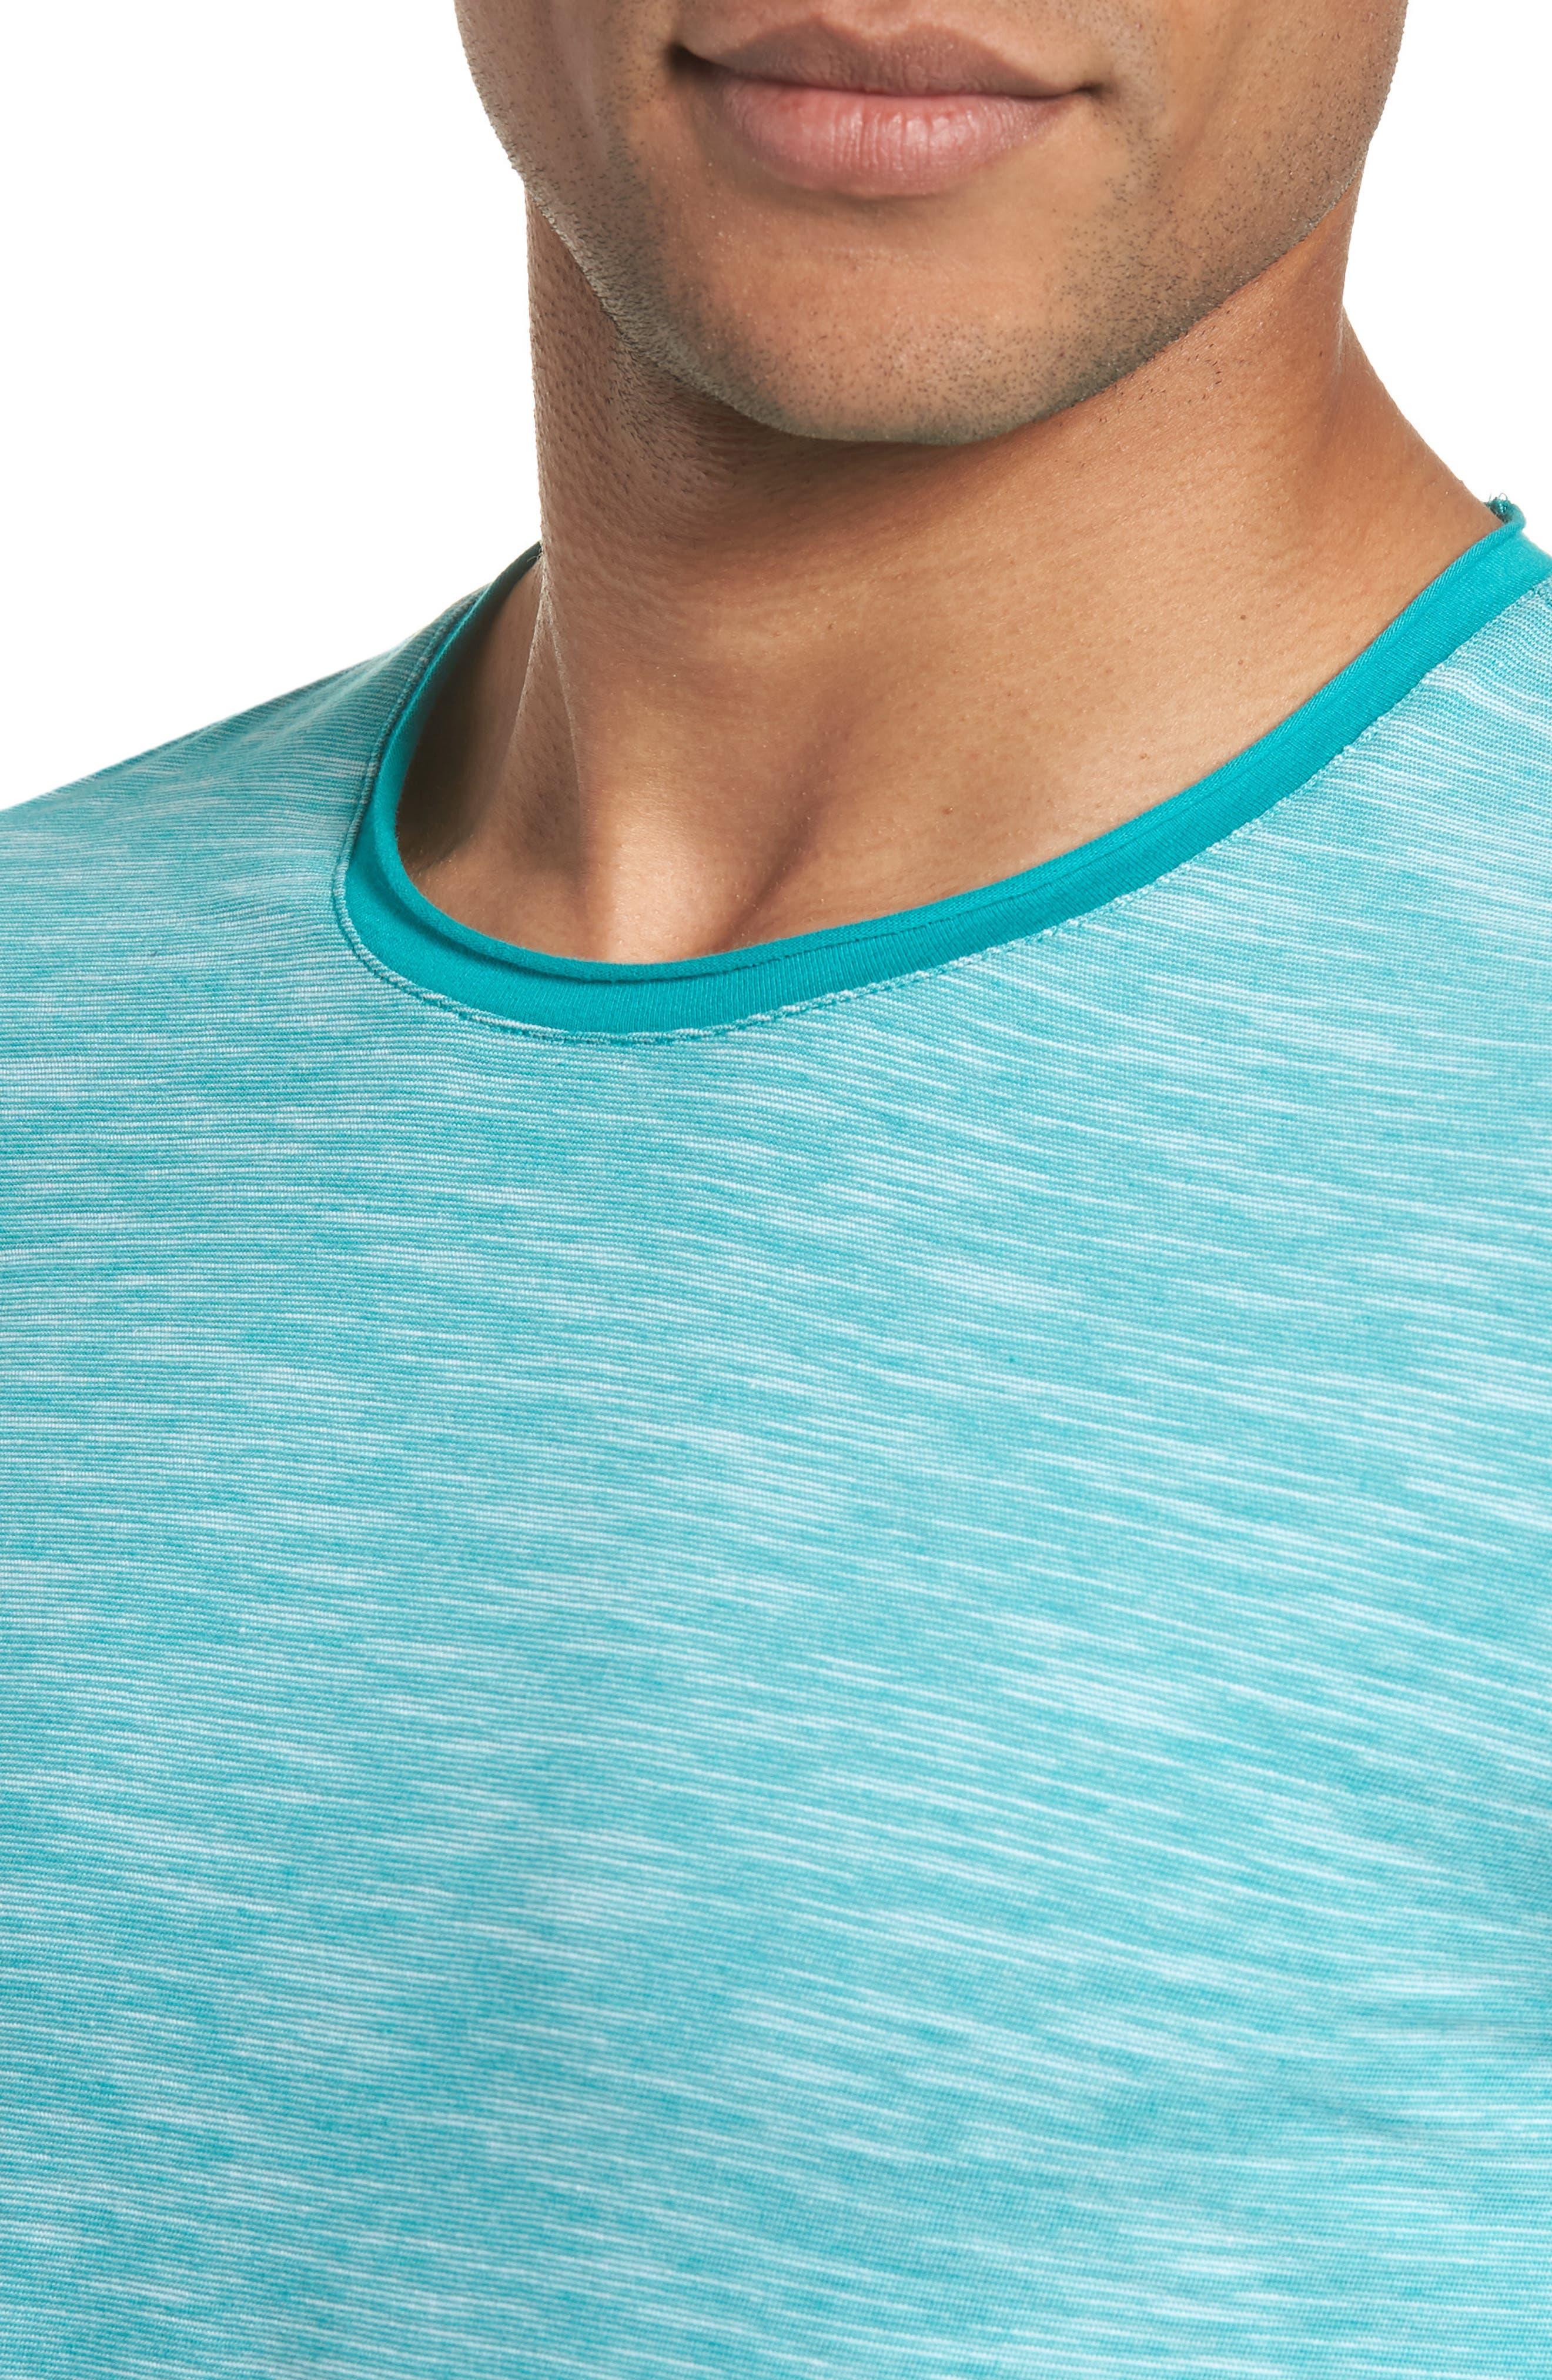 Tiburt 68 Flame T-Shirt,                             Alternate thumbnail 4, color,                             312